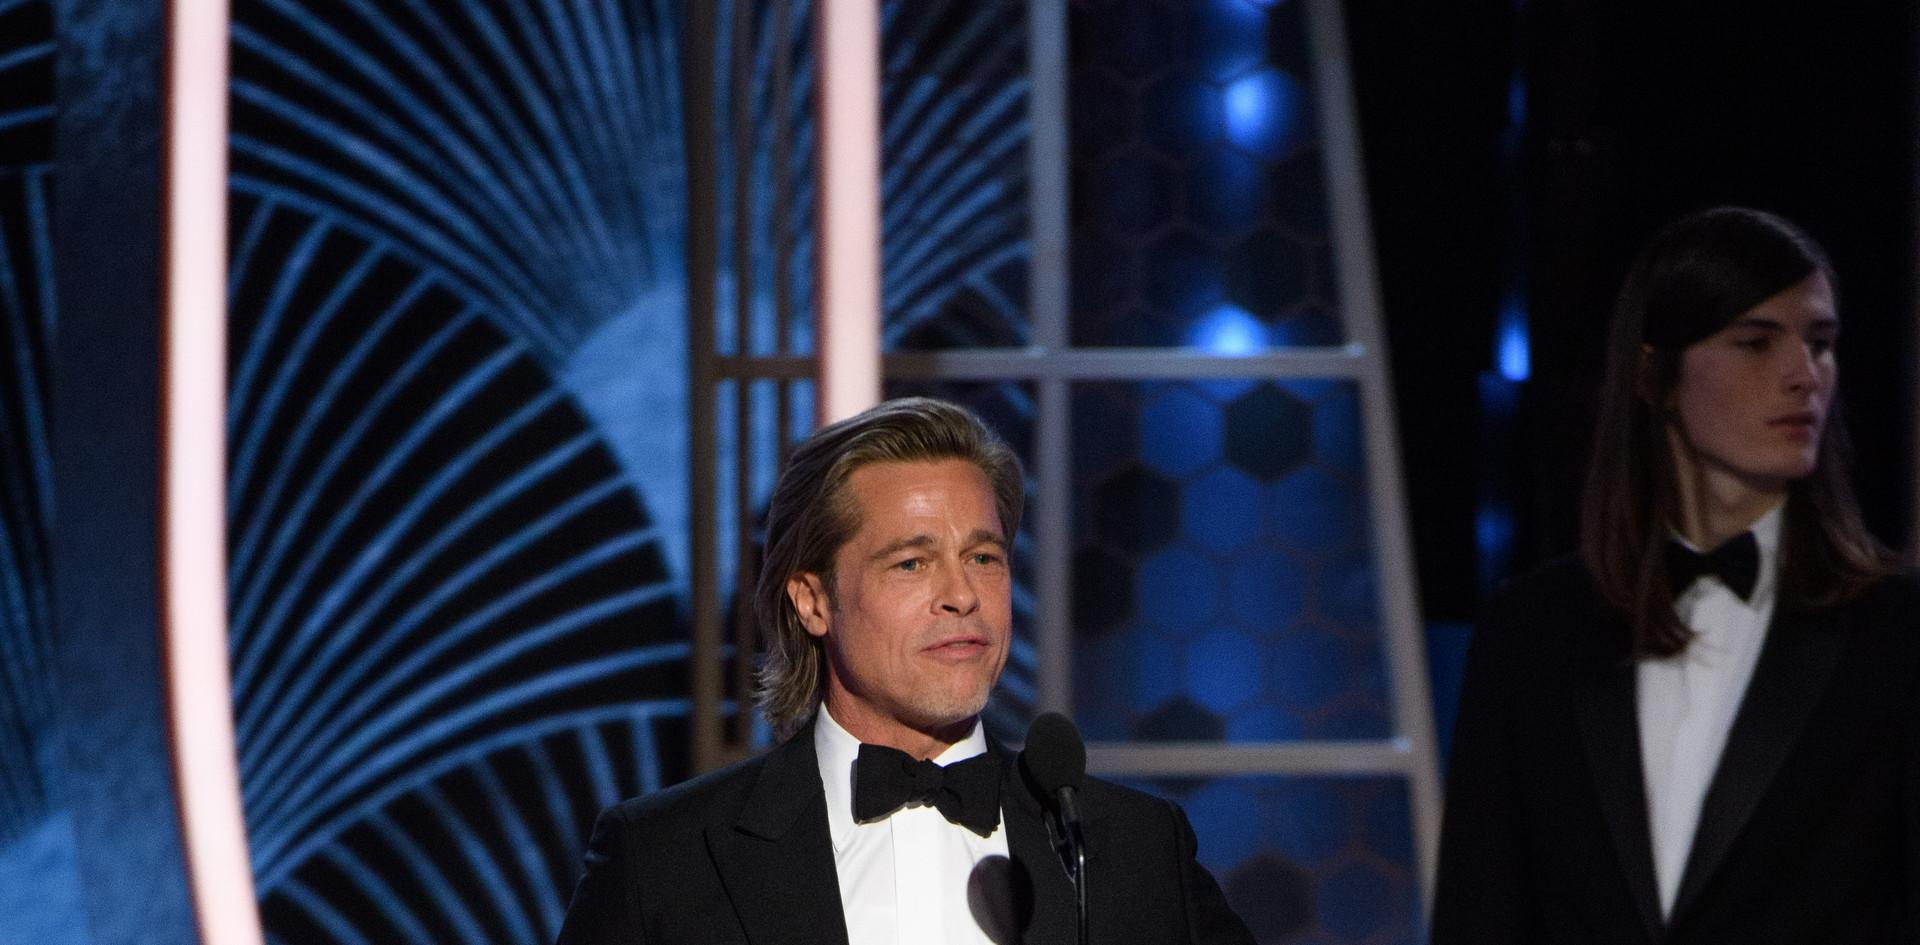 """Brad Pitt recebendo o Golden Globe, como Melhor Actor Secundário no Filme: """"Once Upon a Time...in Hollywood"""" na cerimónia da entrega dos Golden Globes no 77th Annual Golden Globes Awards no Beverly Hilton em Beverly Hills, CA. Fotografia: HFPA Photographer."""